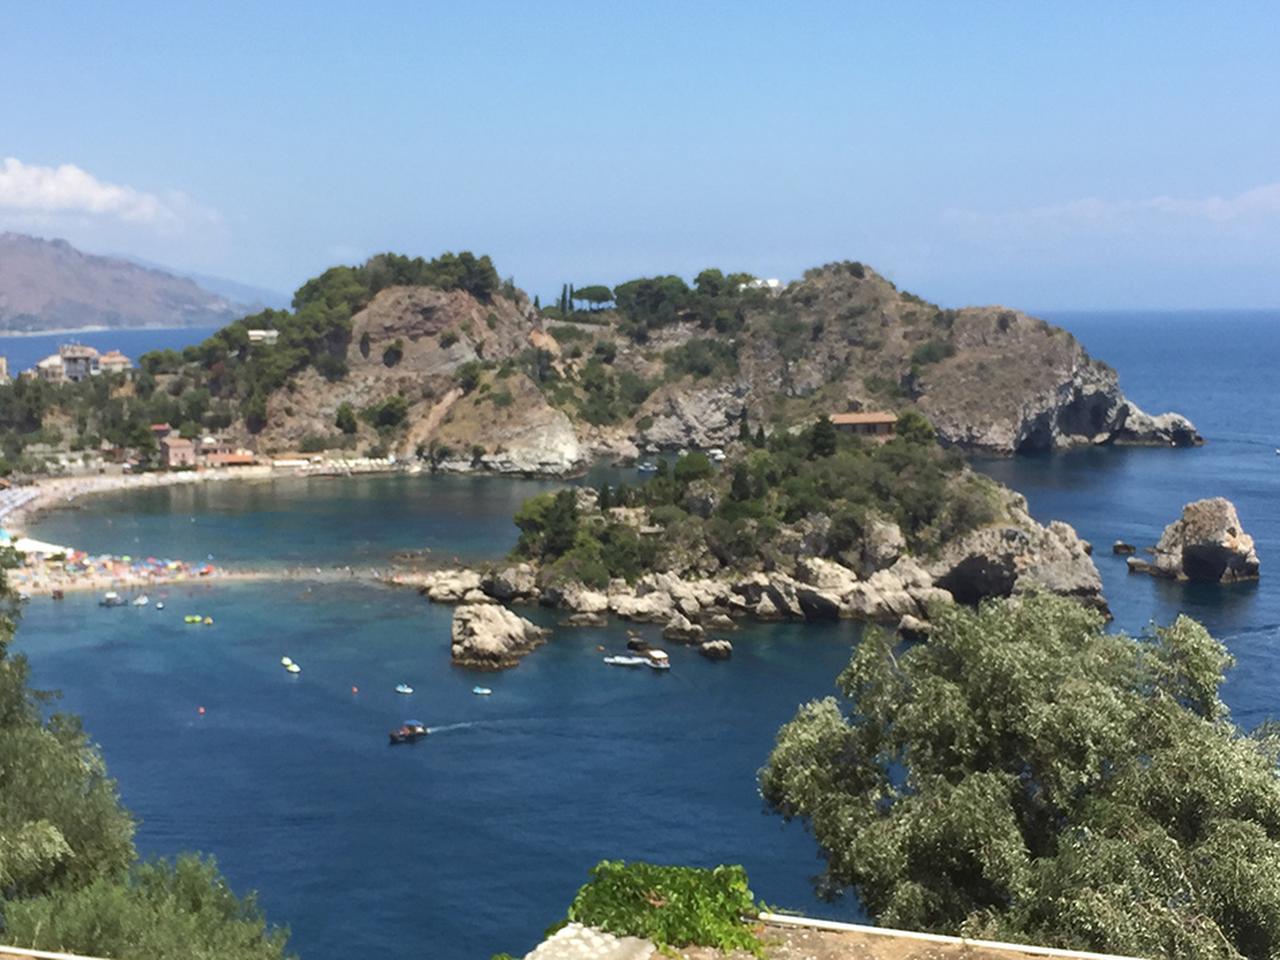 画像1: 「グラン・ブルー」の美しい海を眺めながら